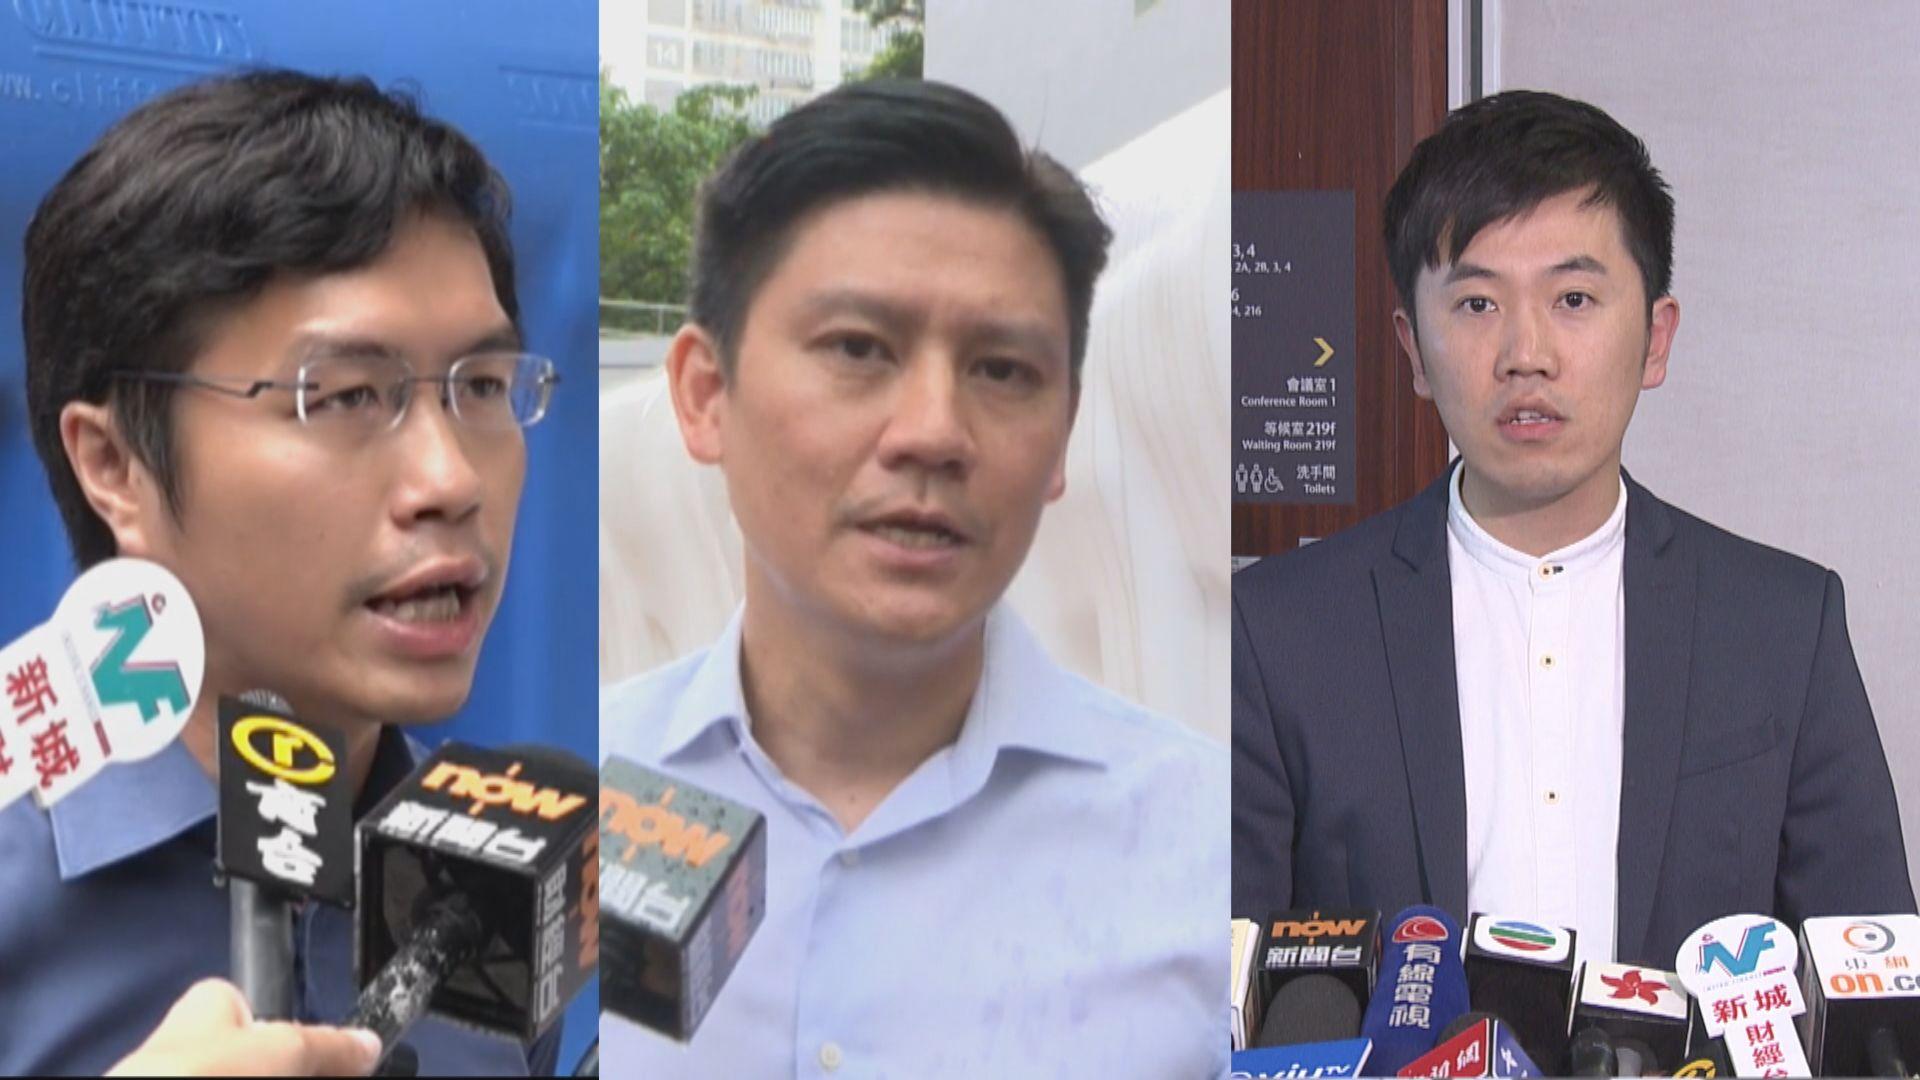 譚文豪區諾軒鄭松泰獲保釋 九月下旬須向警方報到